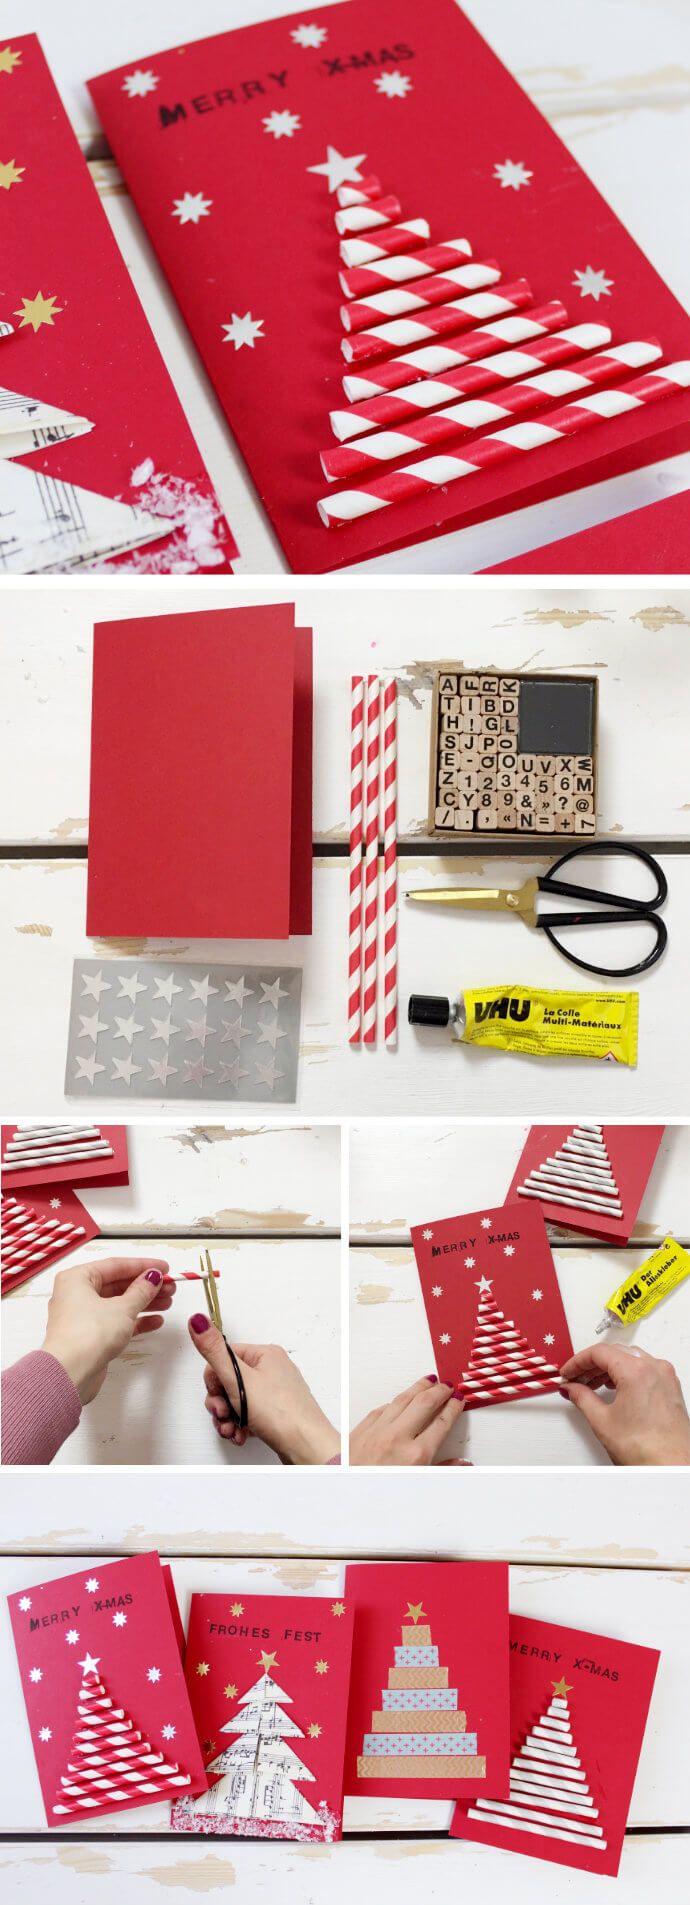 die besten 25 ideen zu weihnachtskarten selber machen auf. Black Bedroom Furniture Sets. Home Design Ideas